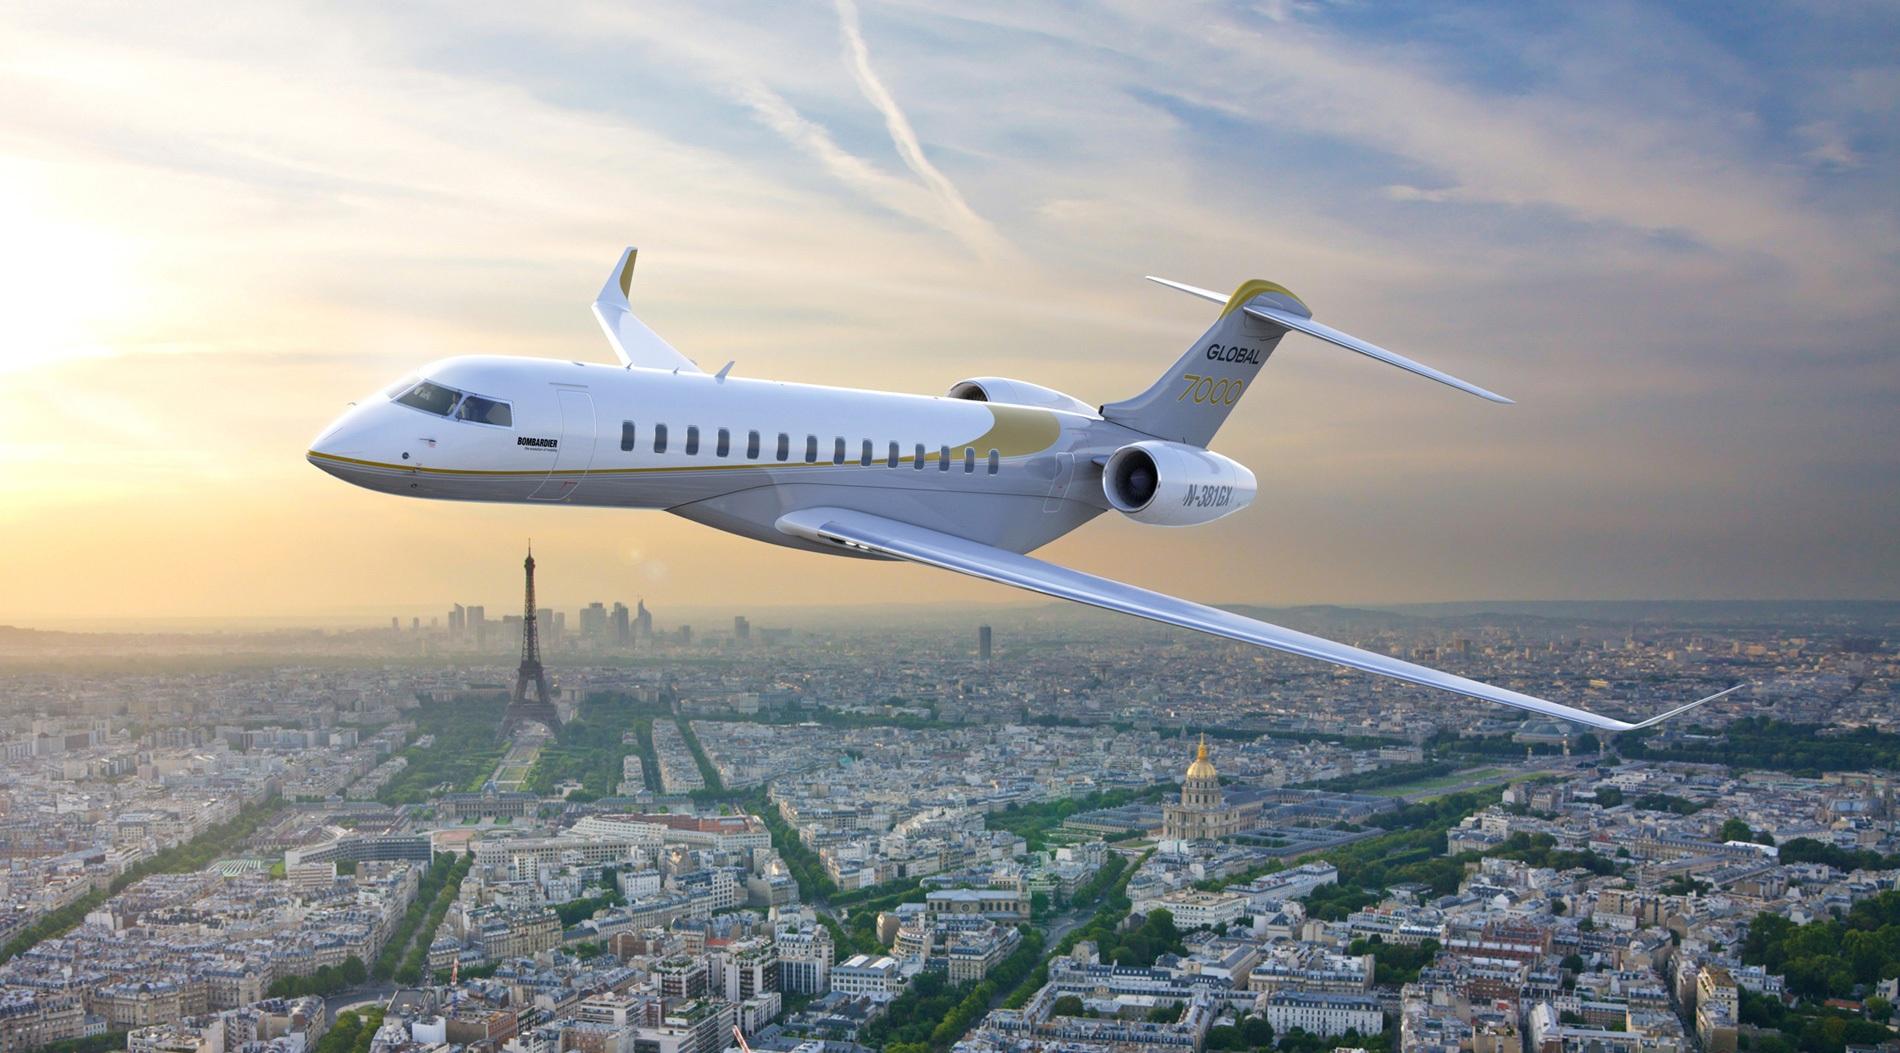 Bombardier заявили об увеличенной дальности полета для самолетов Global 7000